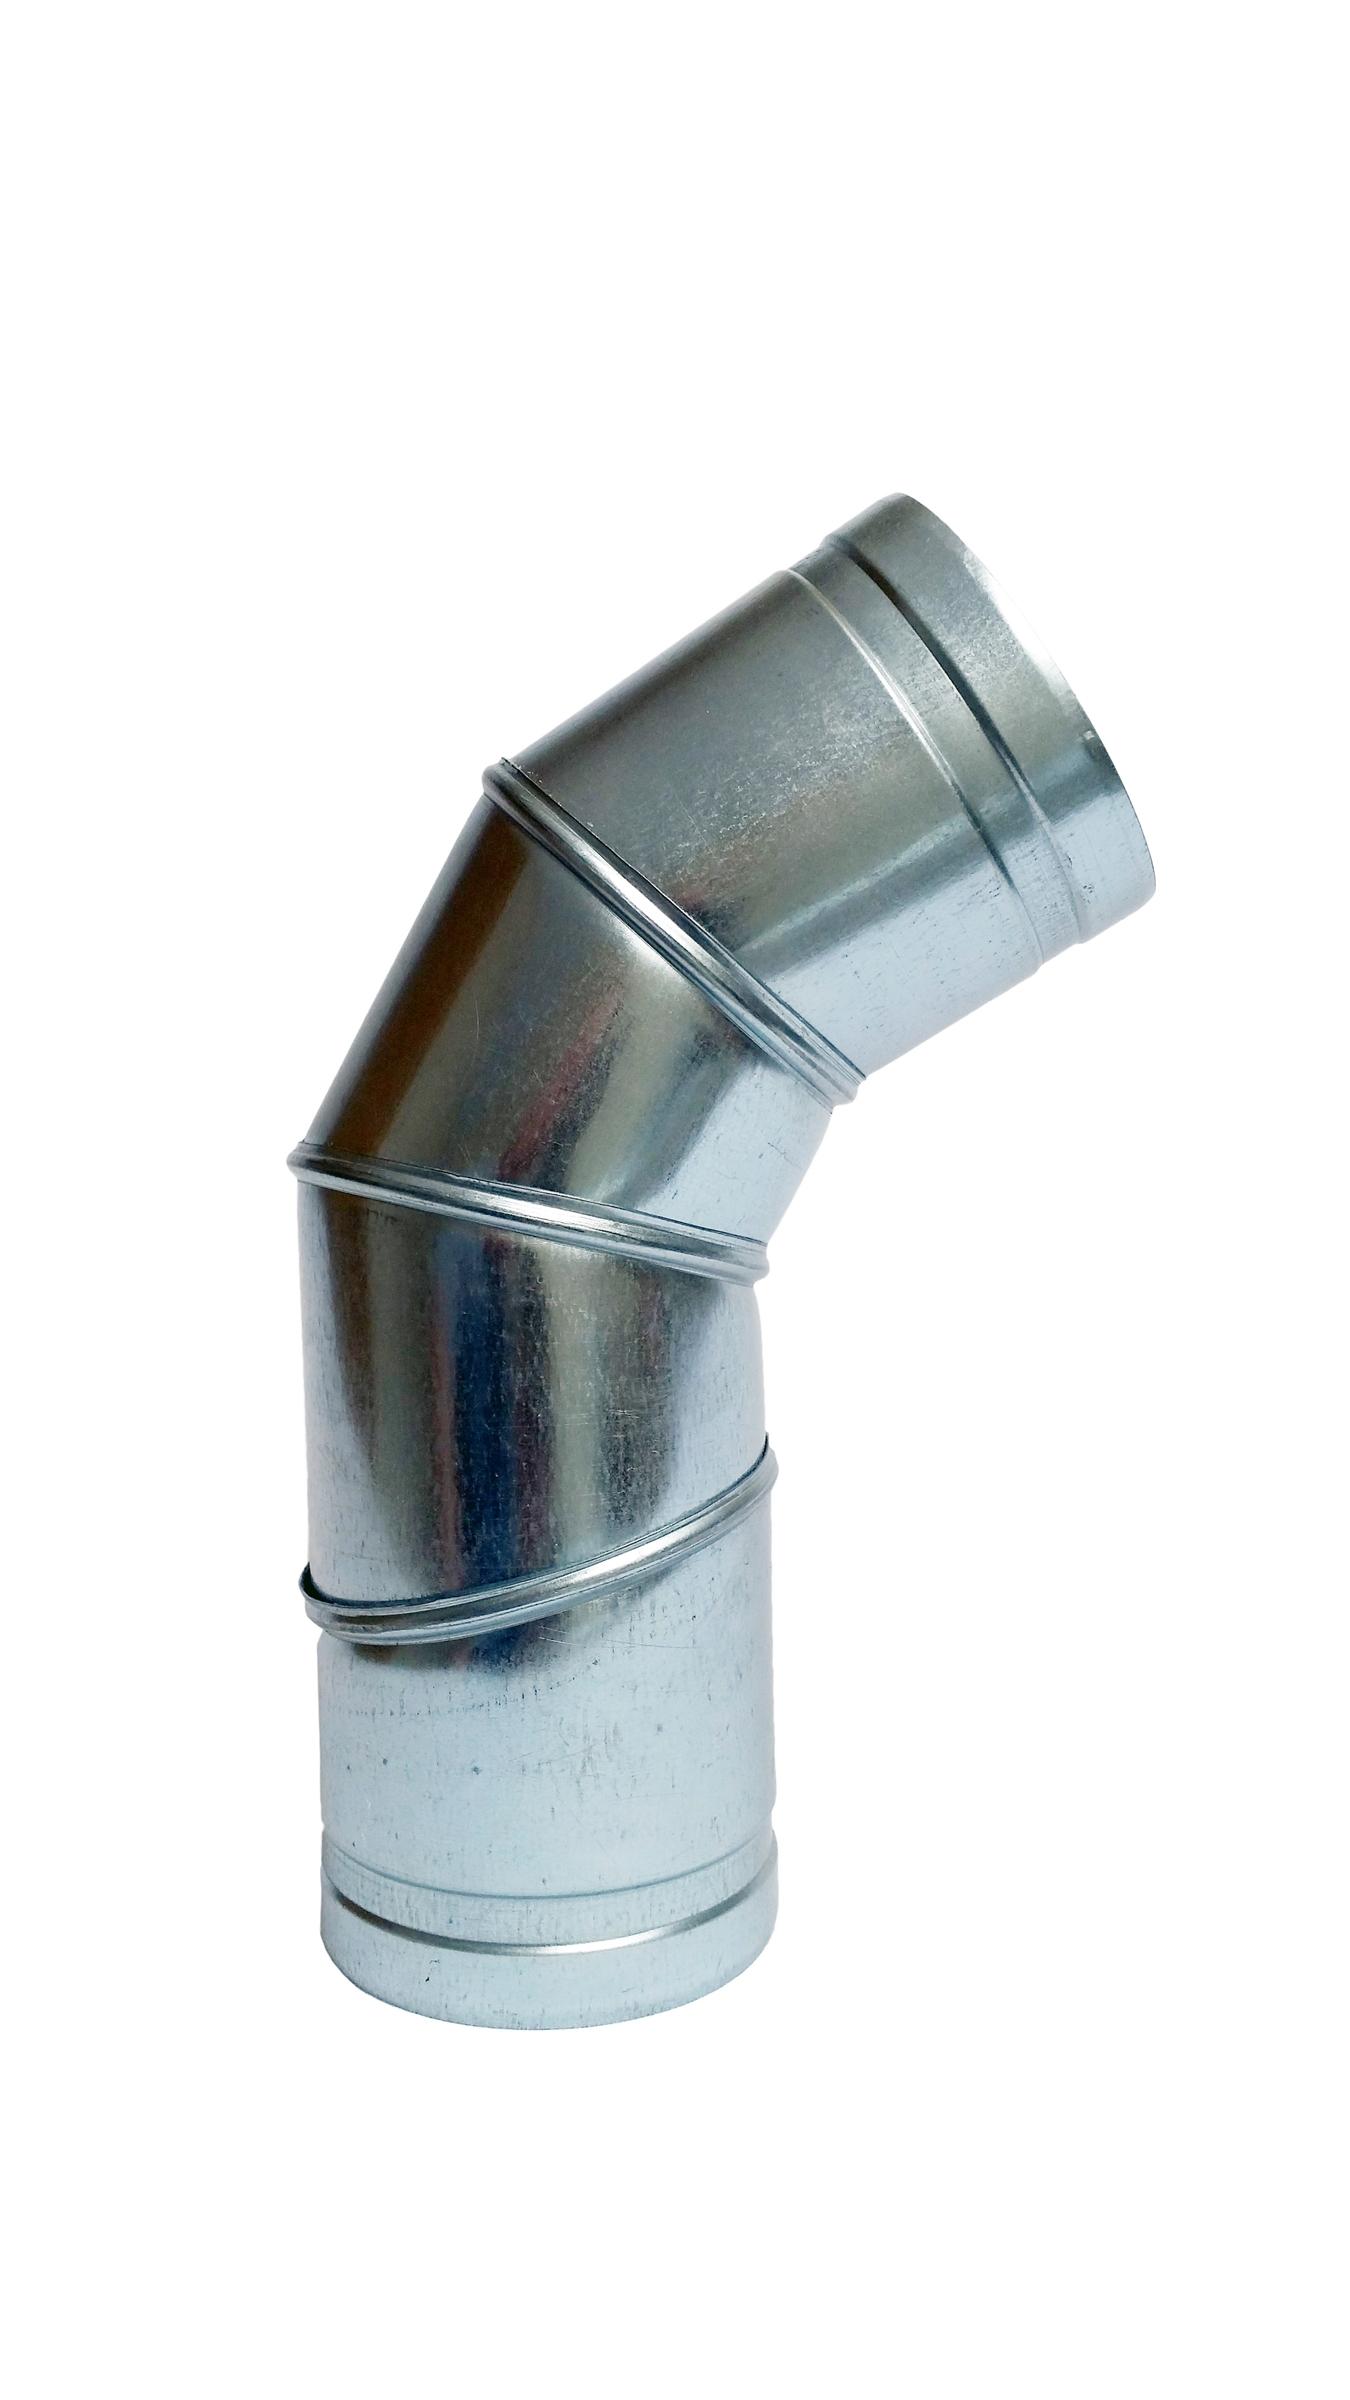 Nastaviteľné koleno 0-90 stupňov 140mm extrakcia Spiro Snake